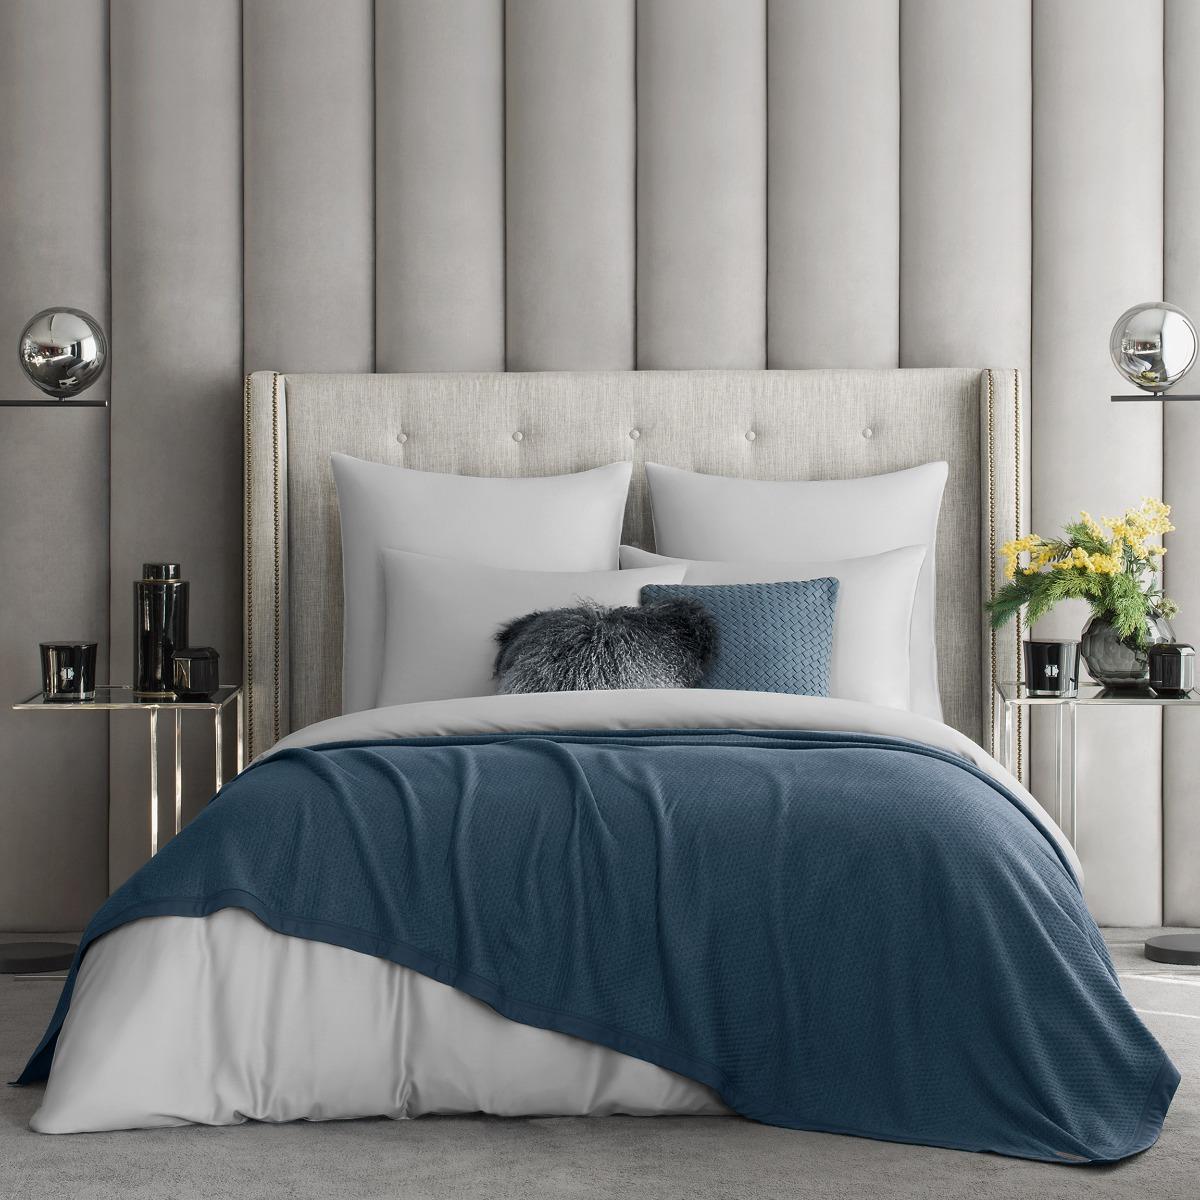 Фото - Покрывало Togas Лазарро синие 220х240 см пододеяльник 220х240 togas